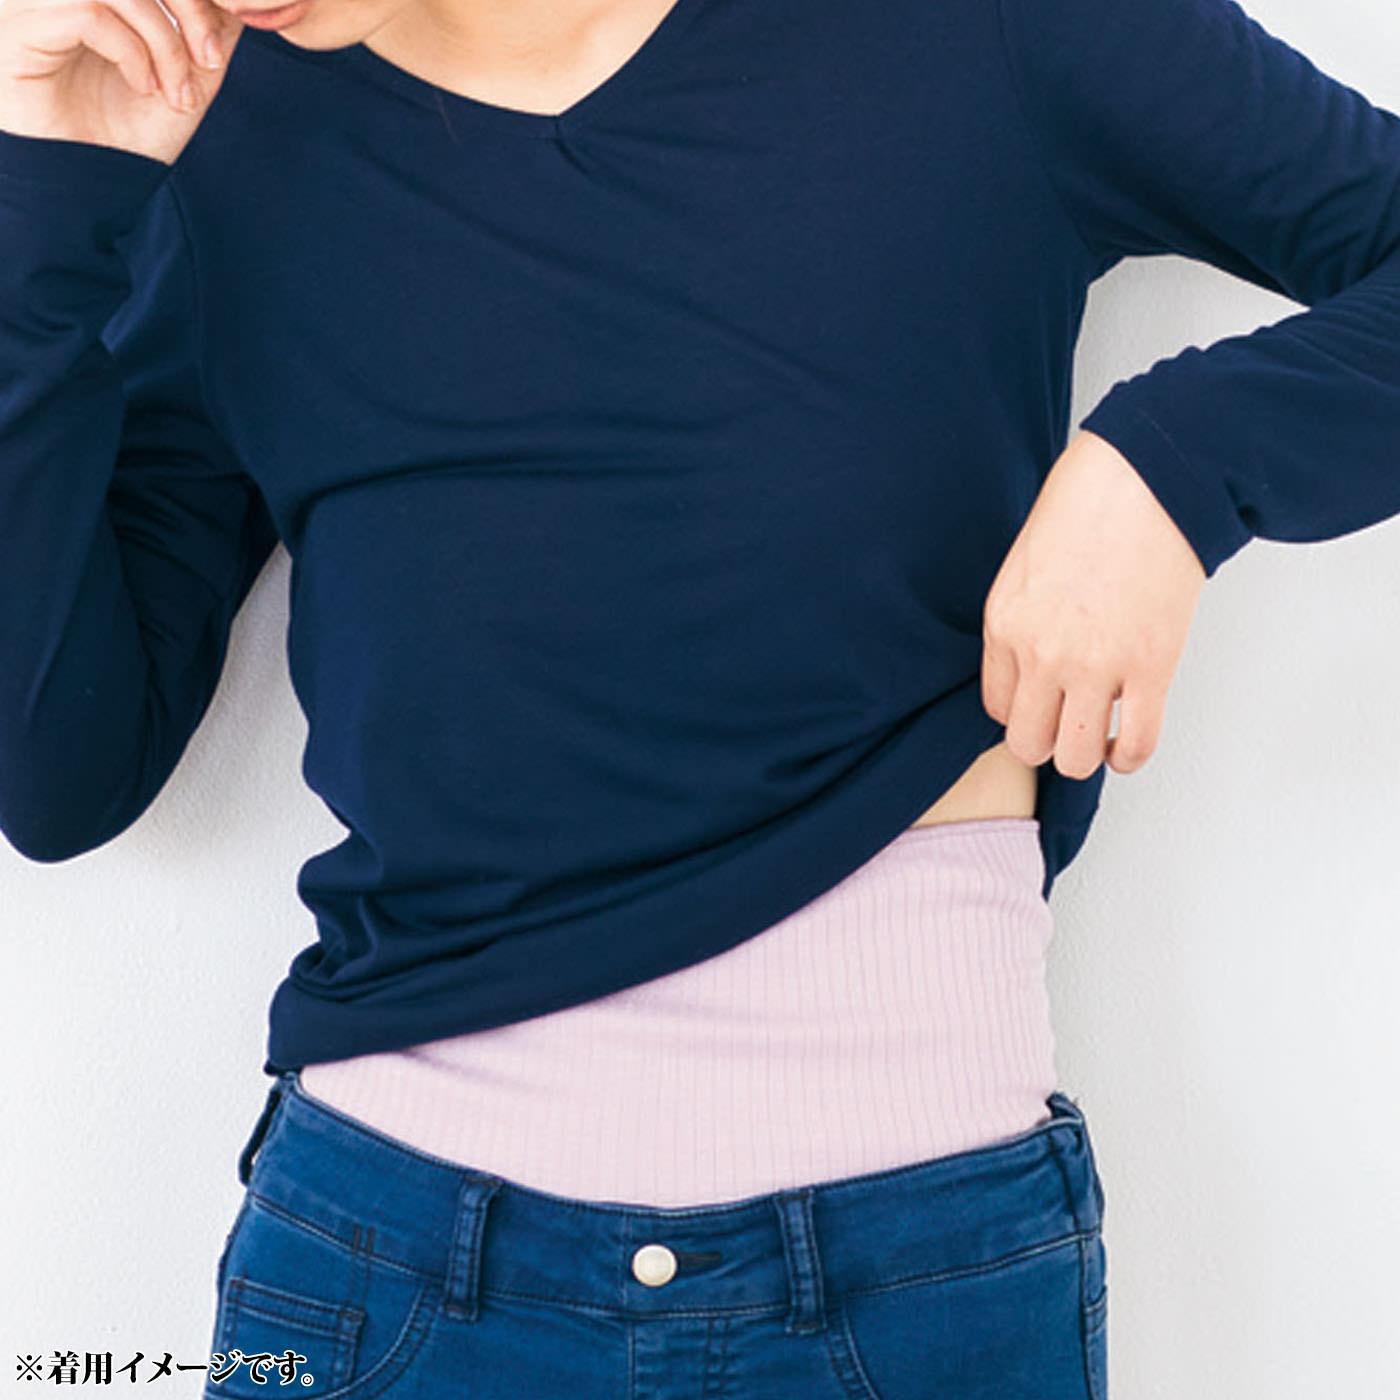 腹巻き本体はレーヨンシルク混。ヒンヤリ感のないしっとりやわらかな肌ざわりです。